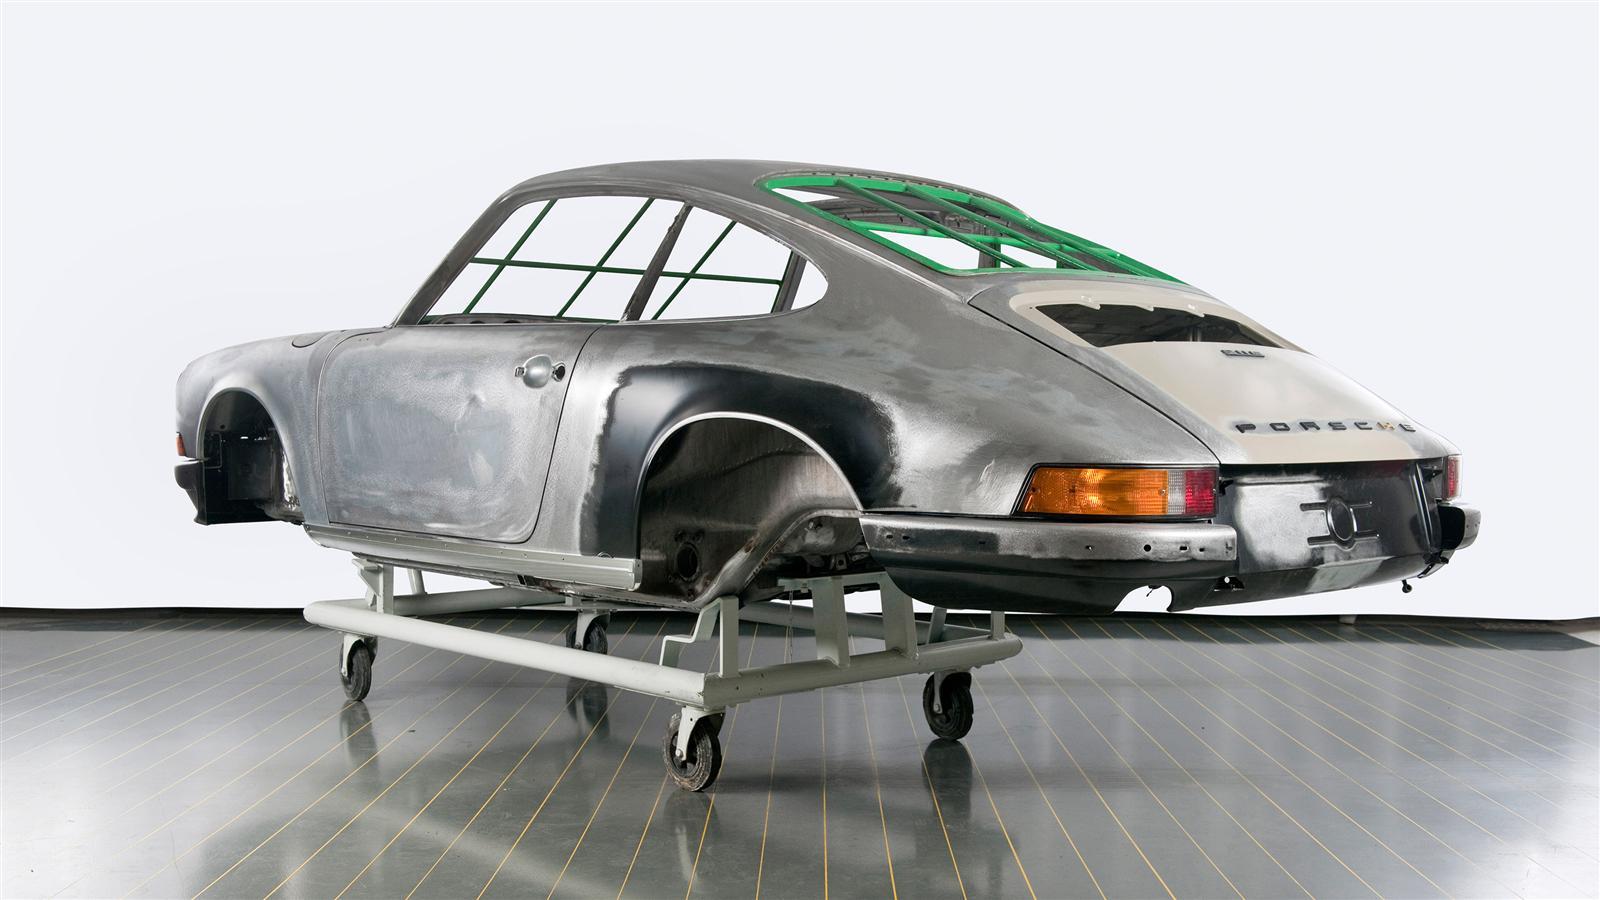 Porsche 911 Factory Restoration ready for paint